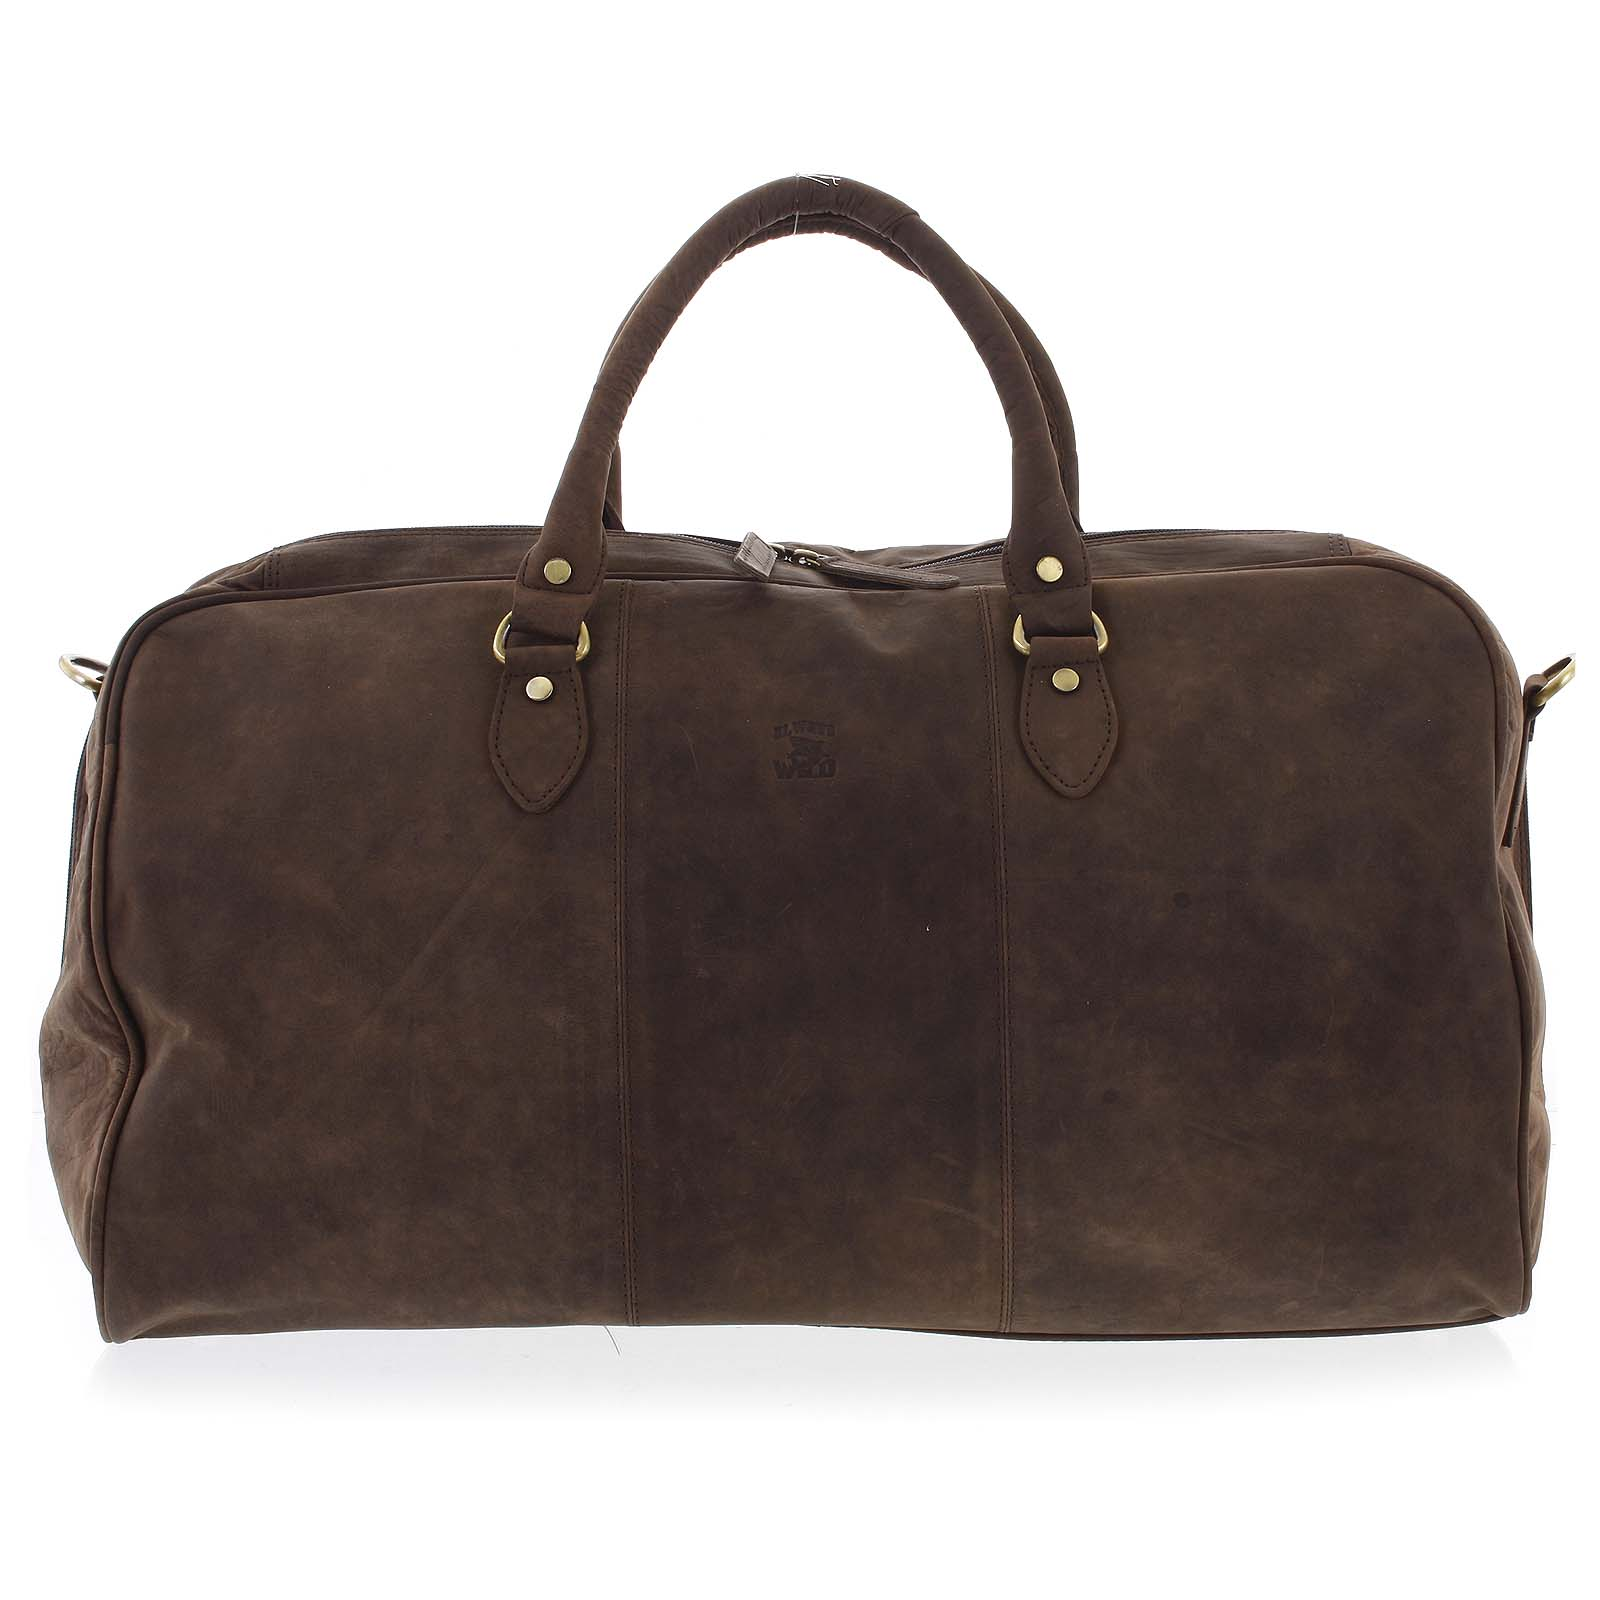 Velká cestovní kožená taška tmavě hnědá - WILD Aurimas